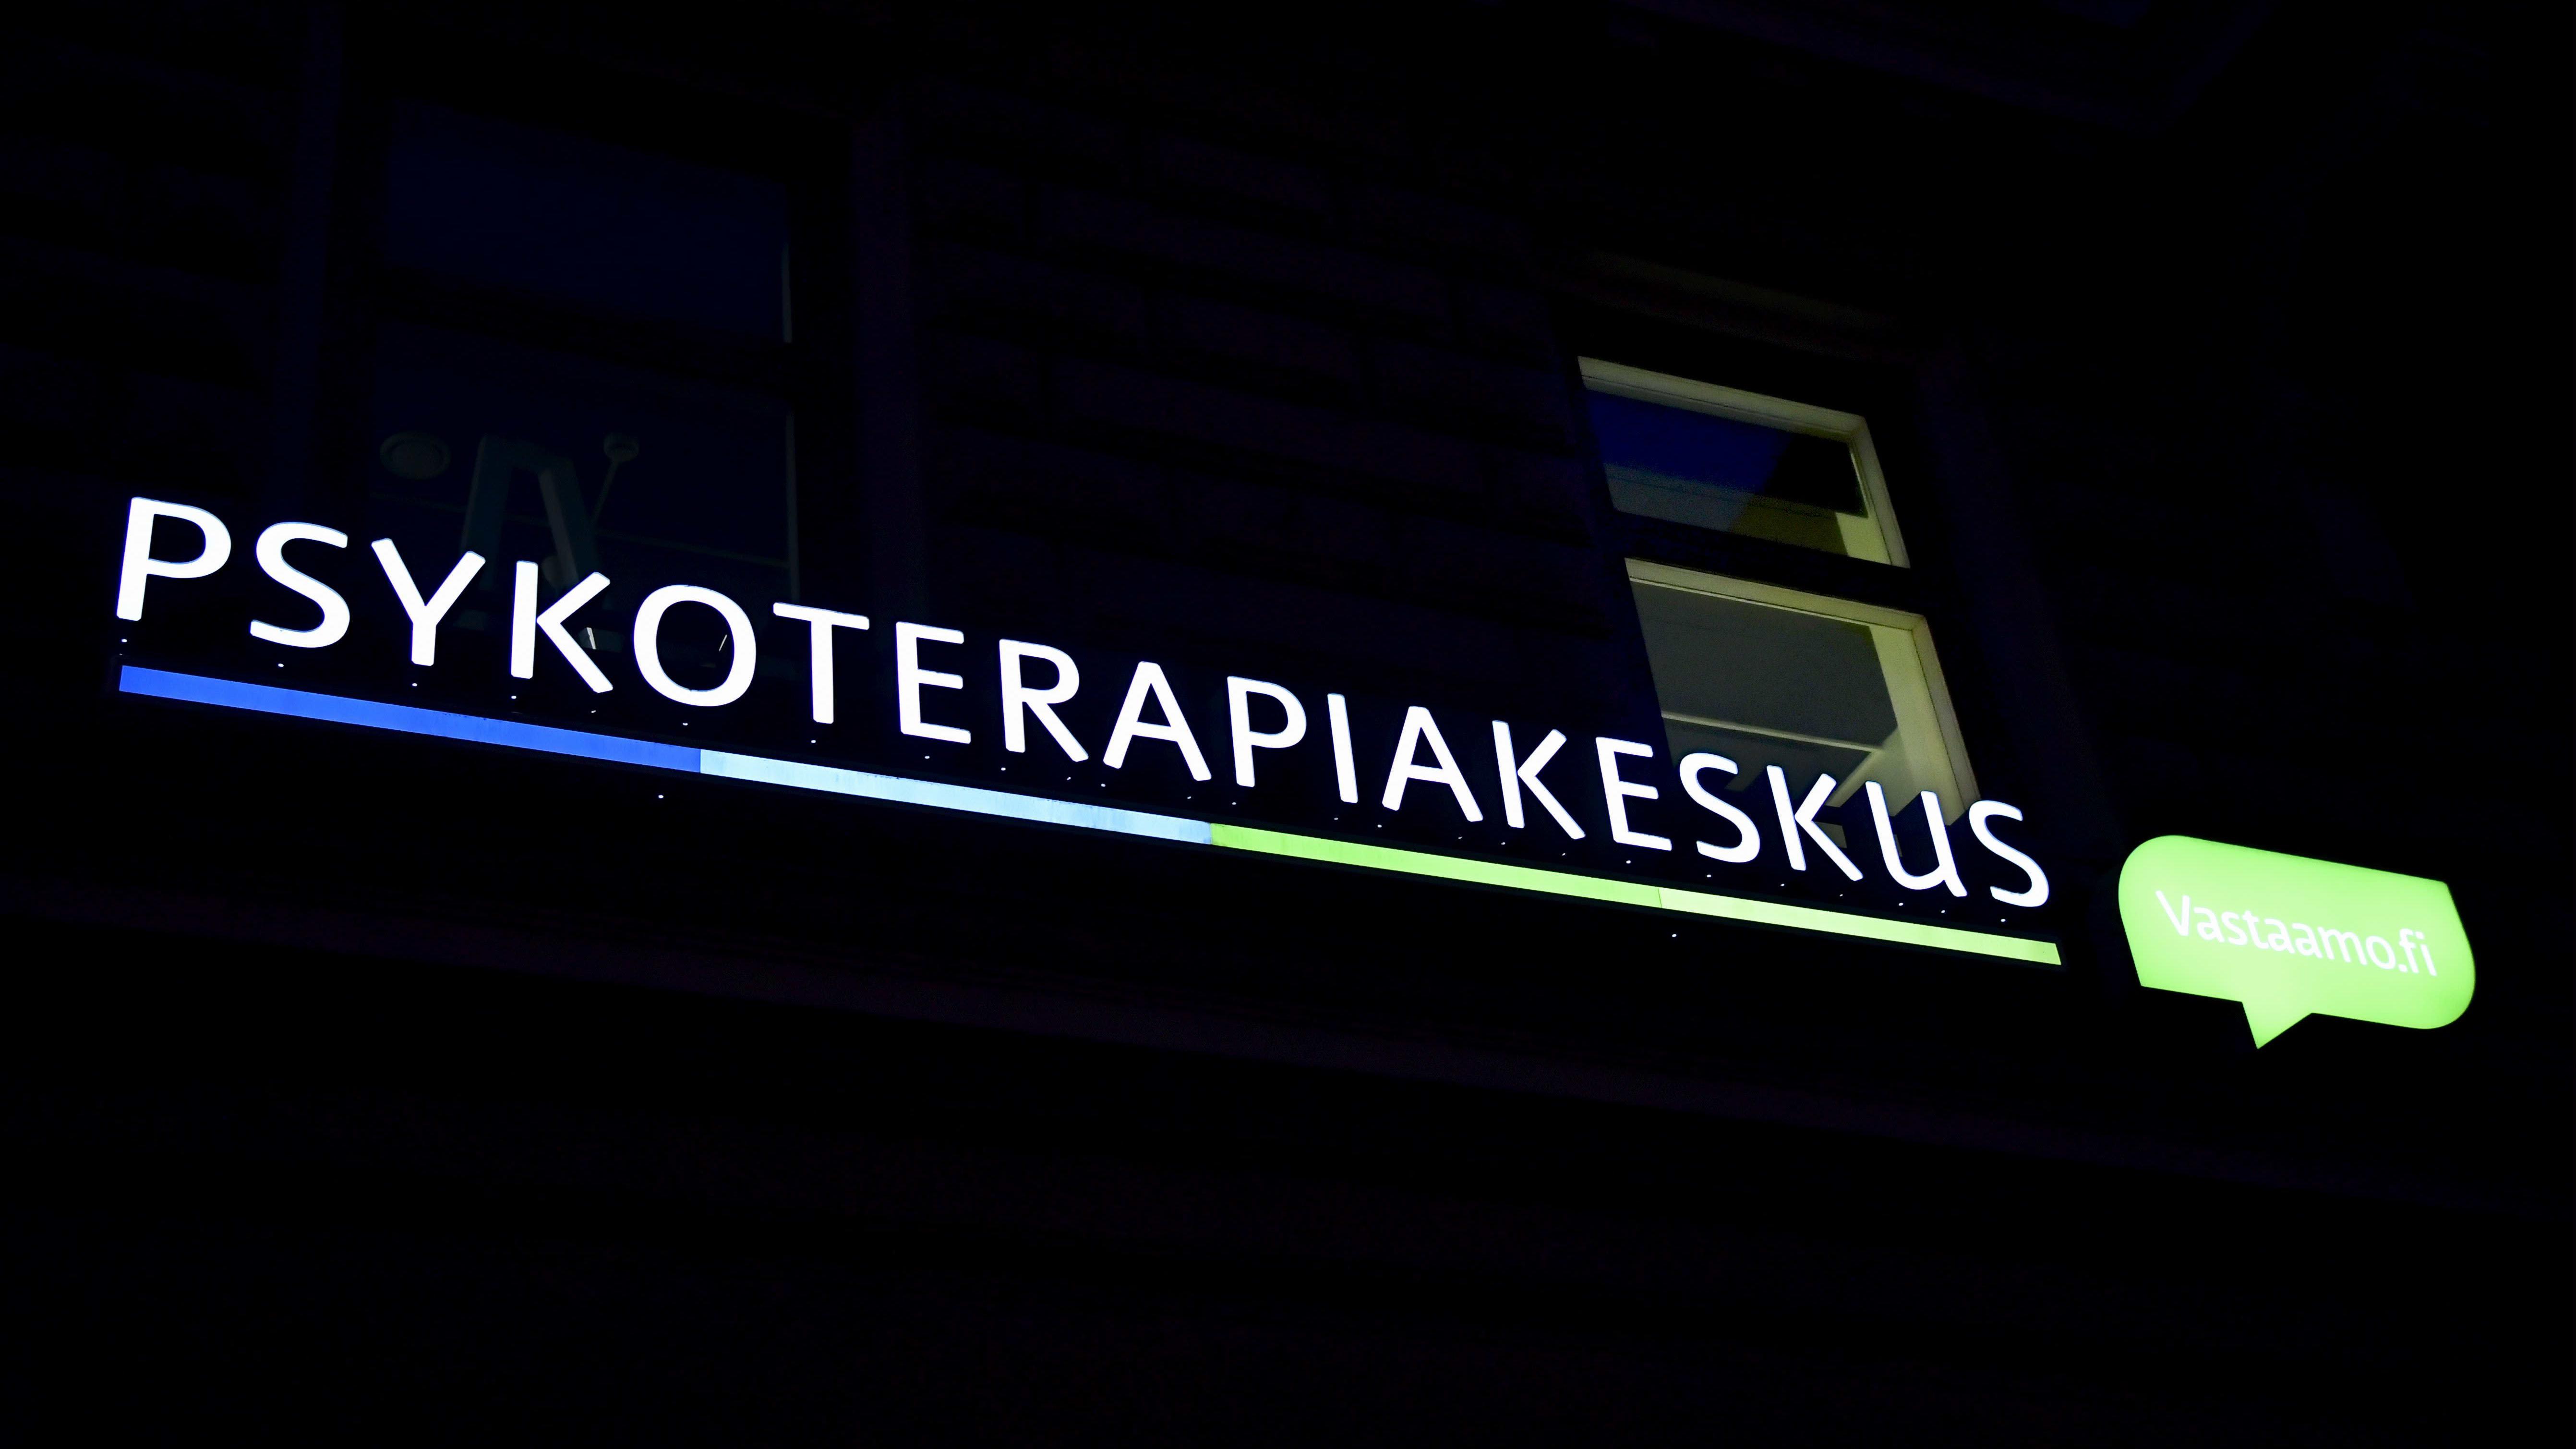 Psykoterapiakeskus Vastaamo Helsingissä